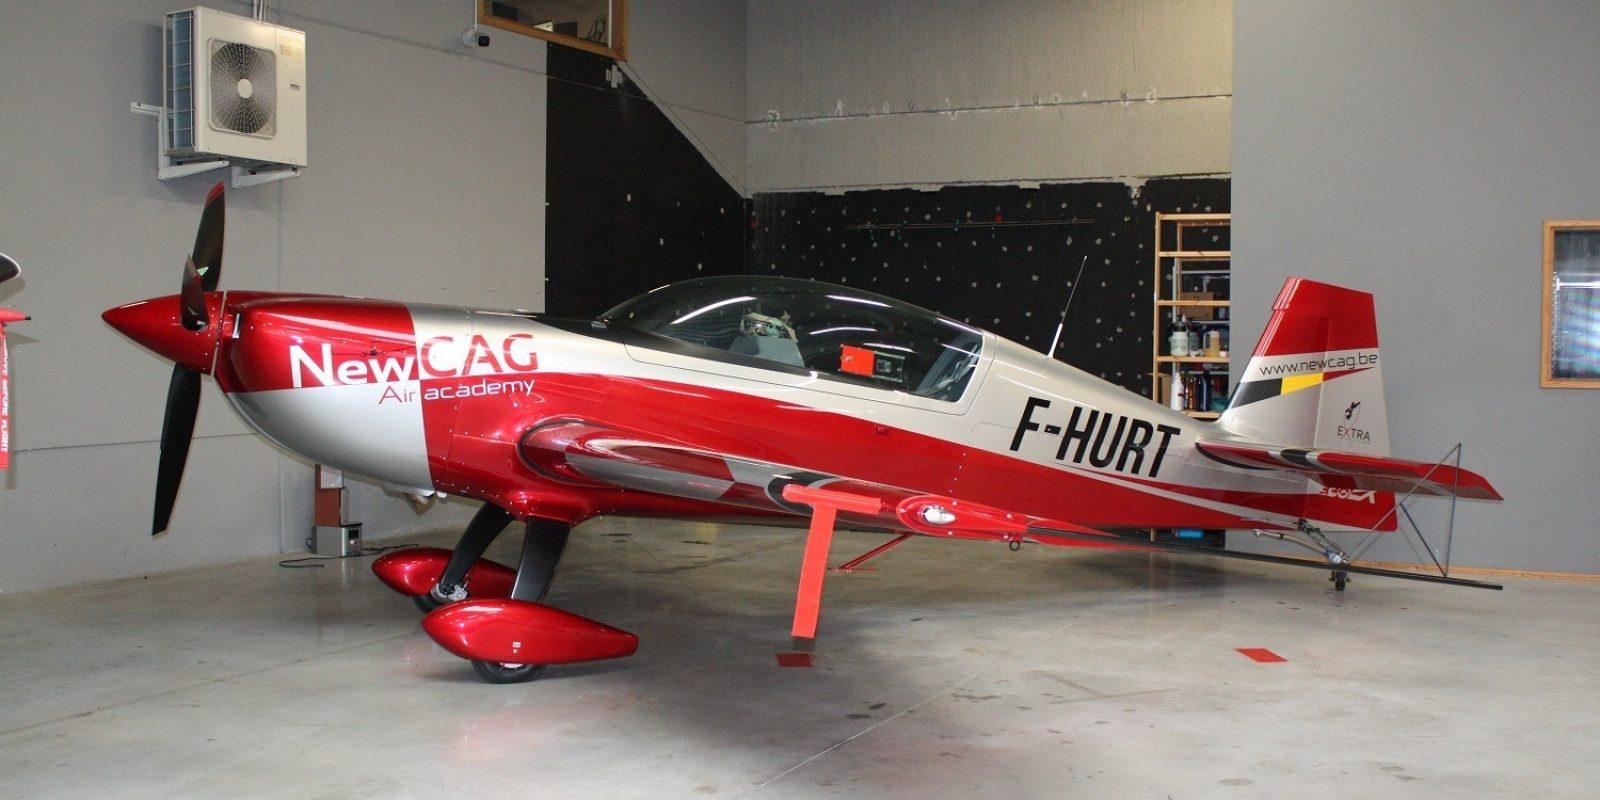 La plus récente addition à la flotte est un superbe Extra 330LX (F-HURT), qui permet désormais à Air Academy New CAG de proposer une formation « Upset Prevention and Recovery Training » (UPRT).